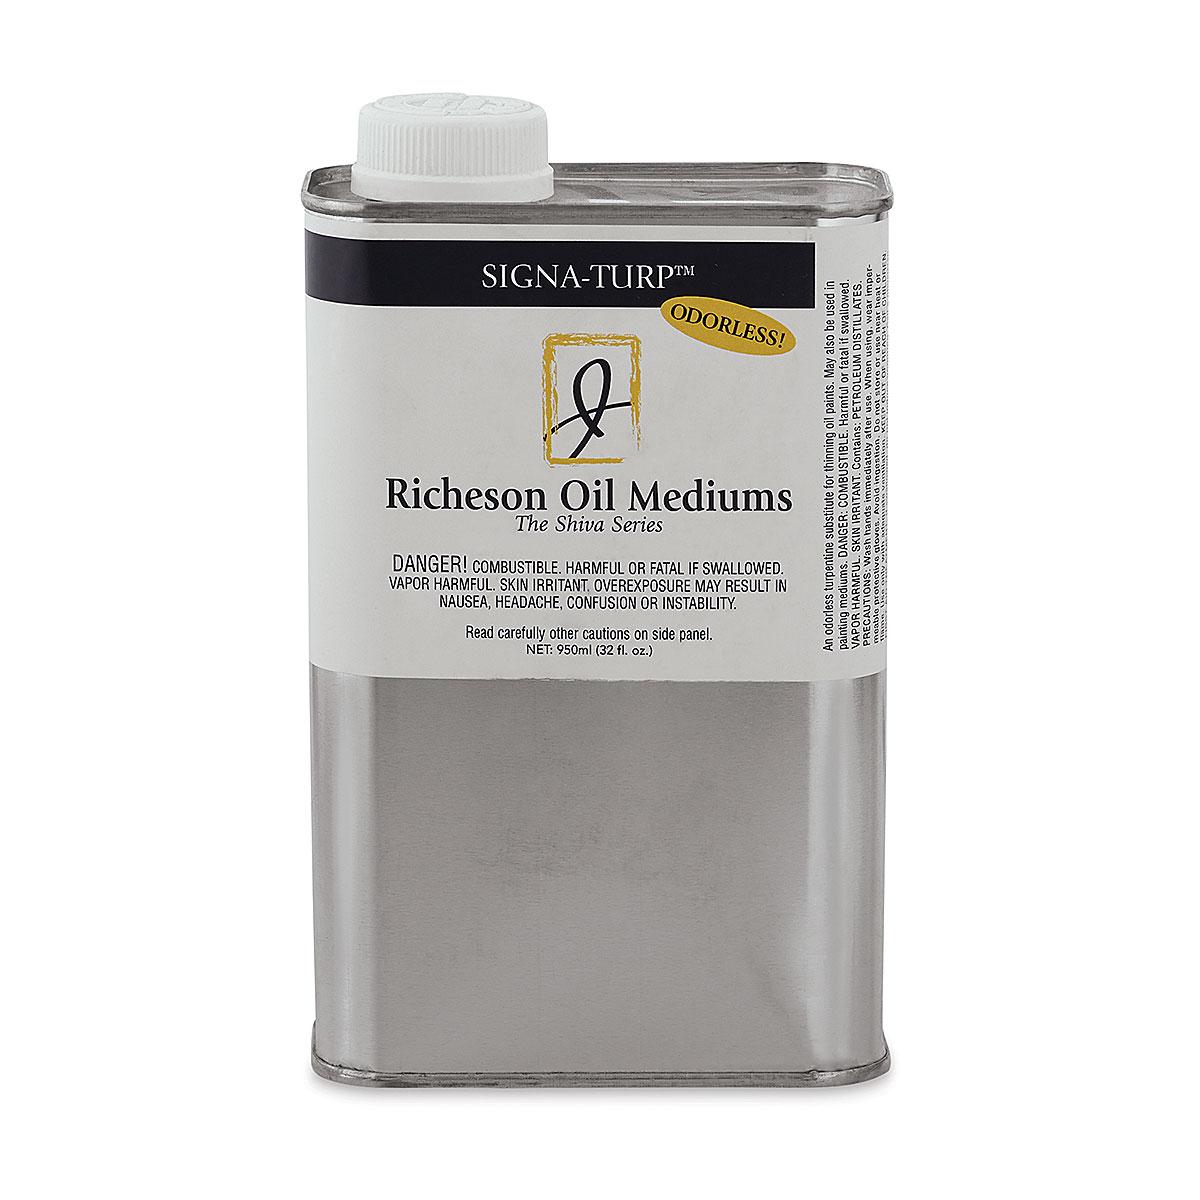 Shiva Signa-Turp Odorless Thinner - 32 oz bottle